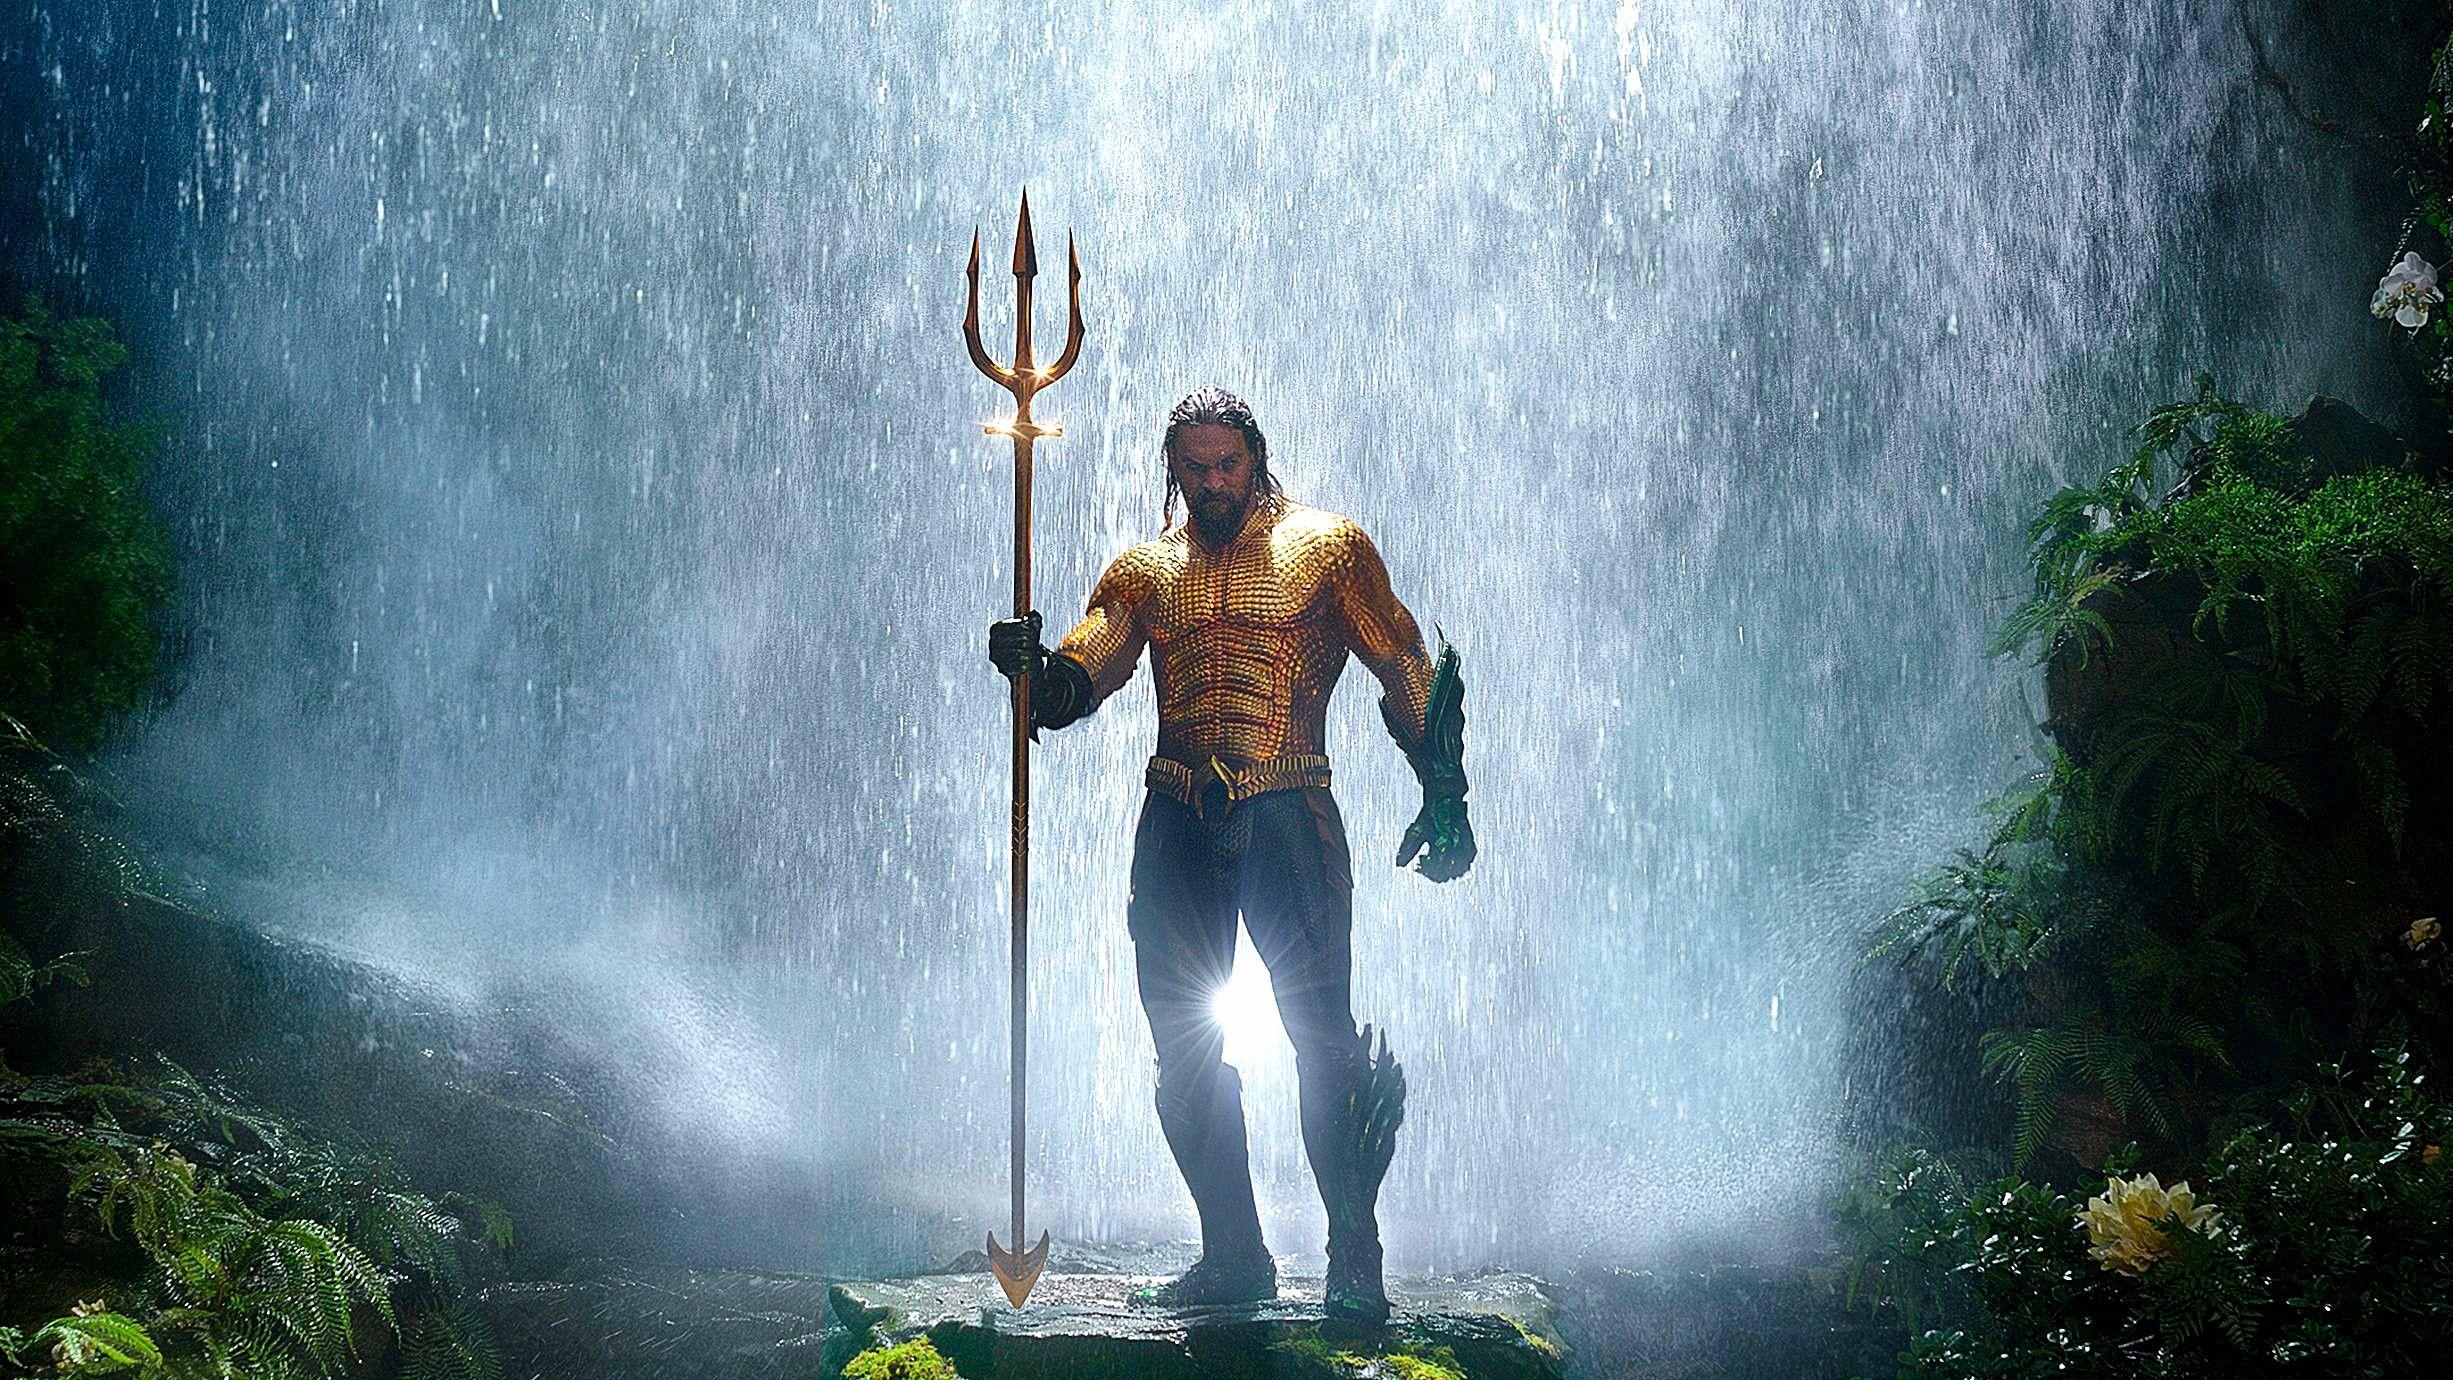 Pin de Naya Queenzie en DC Aquaman, Jason momoa aquaman